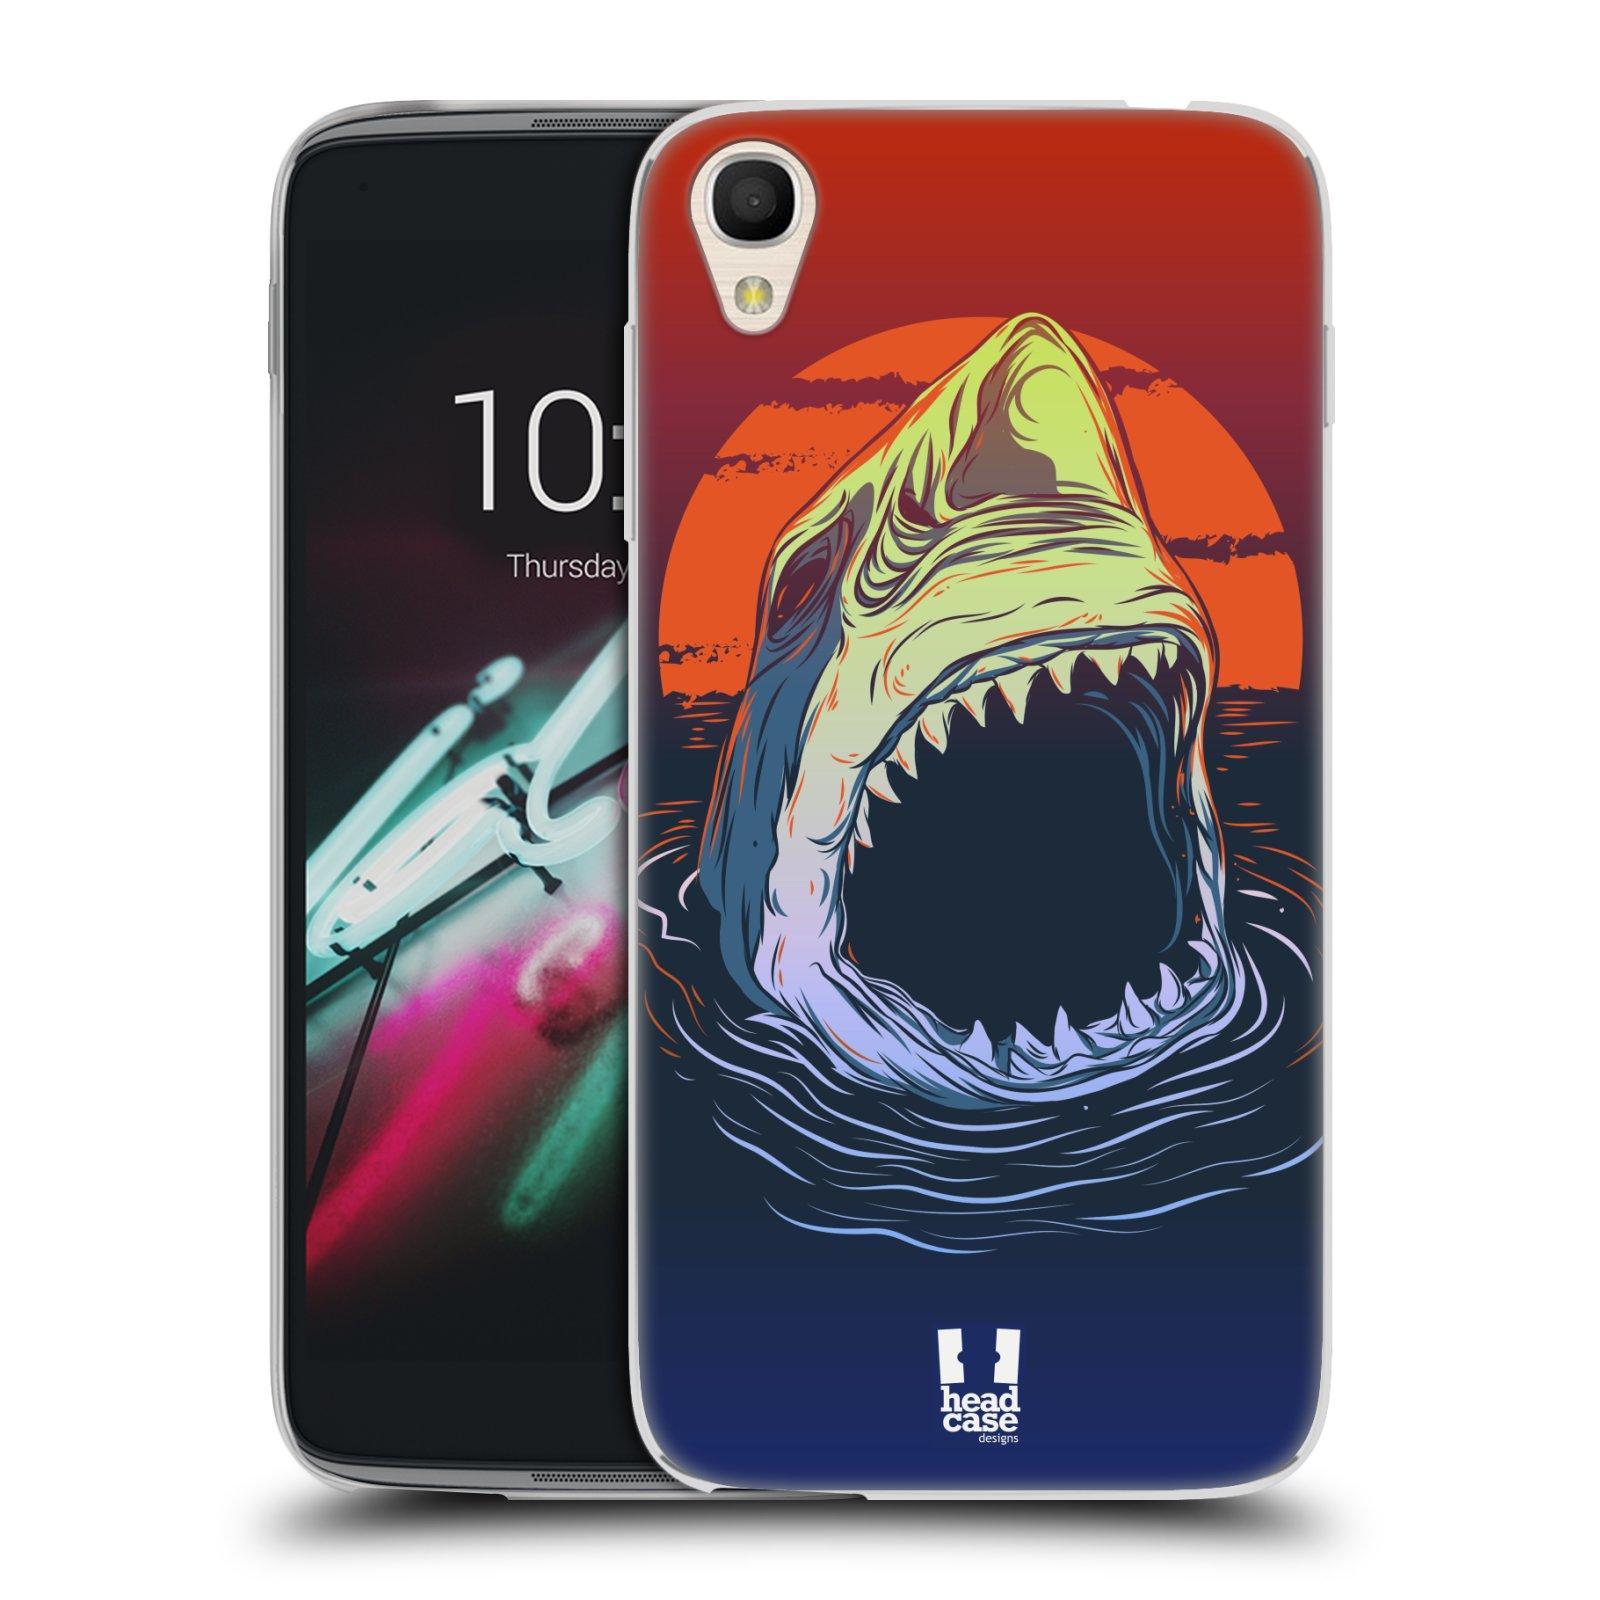 HEAD CASE silikonový obal na mobil Alcatel Idol 3 OT-6039Y (4.7) vzor mořská monstra žralok